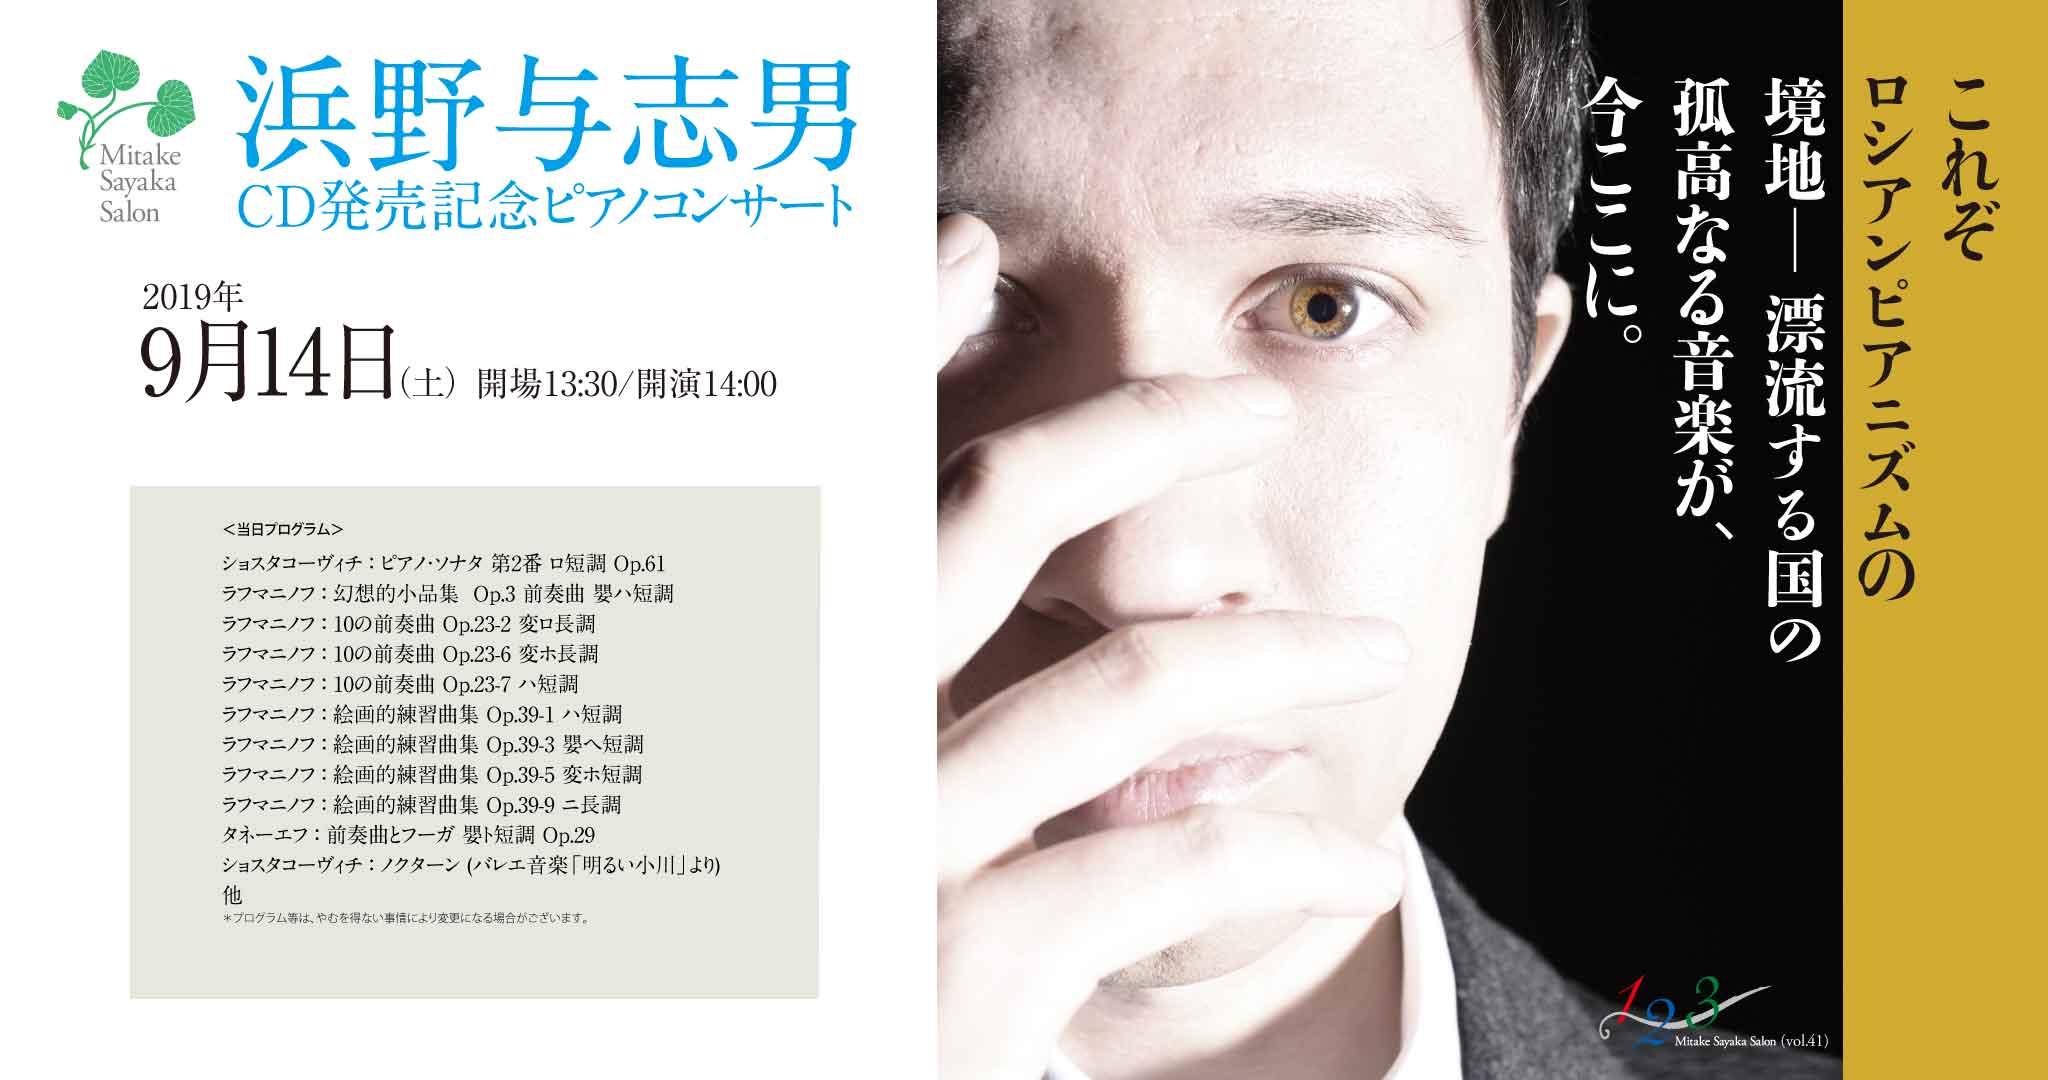 浜野与志男ピアノコンサート<CD発売記念コンサート>